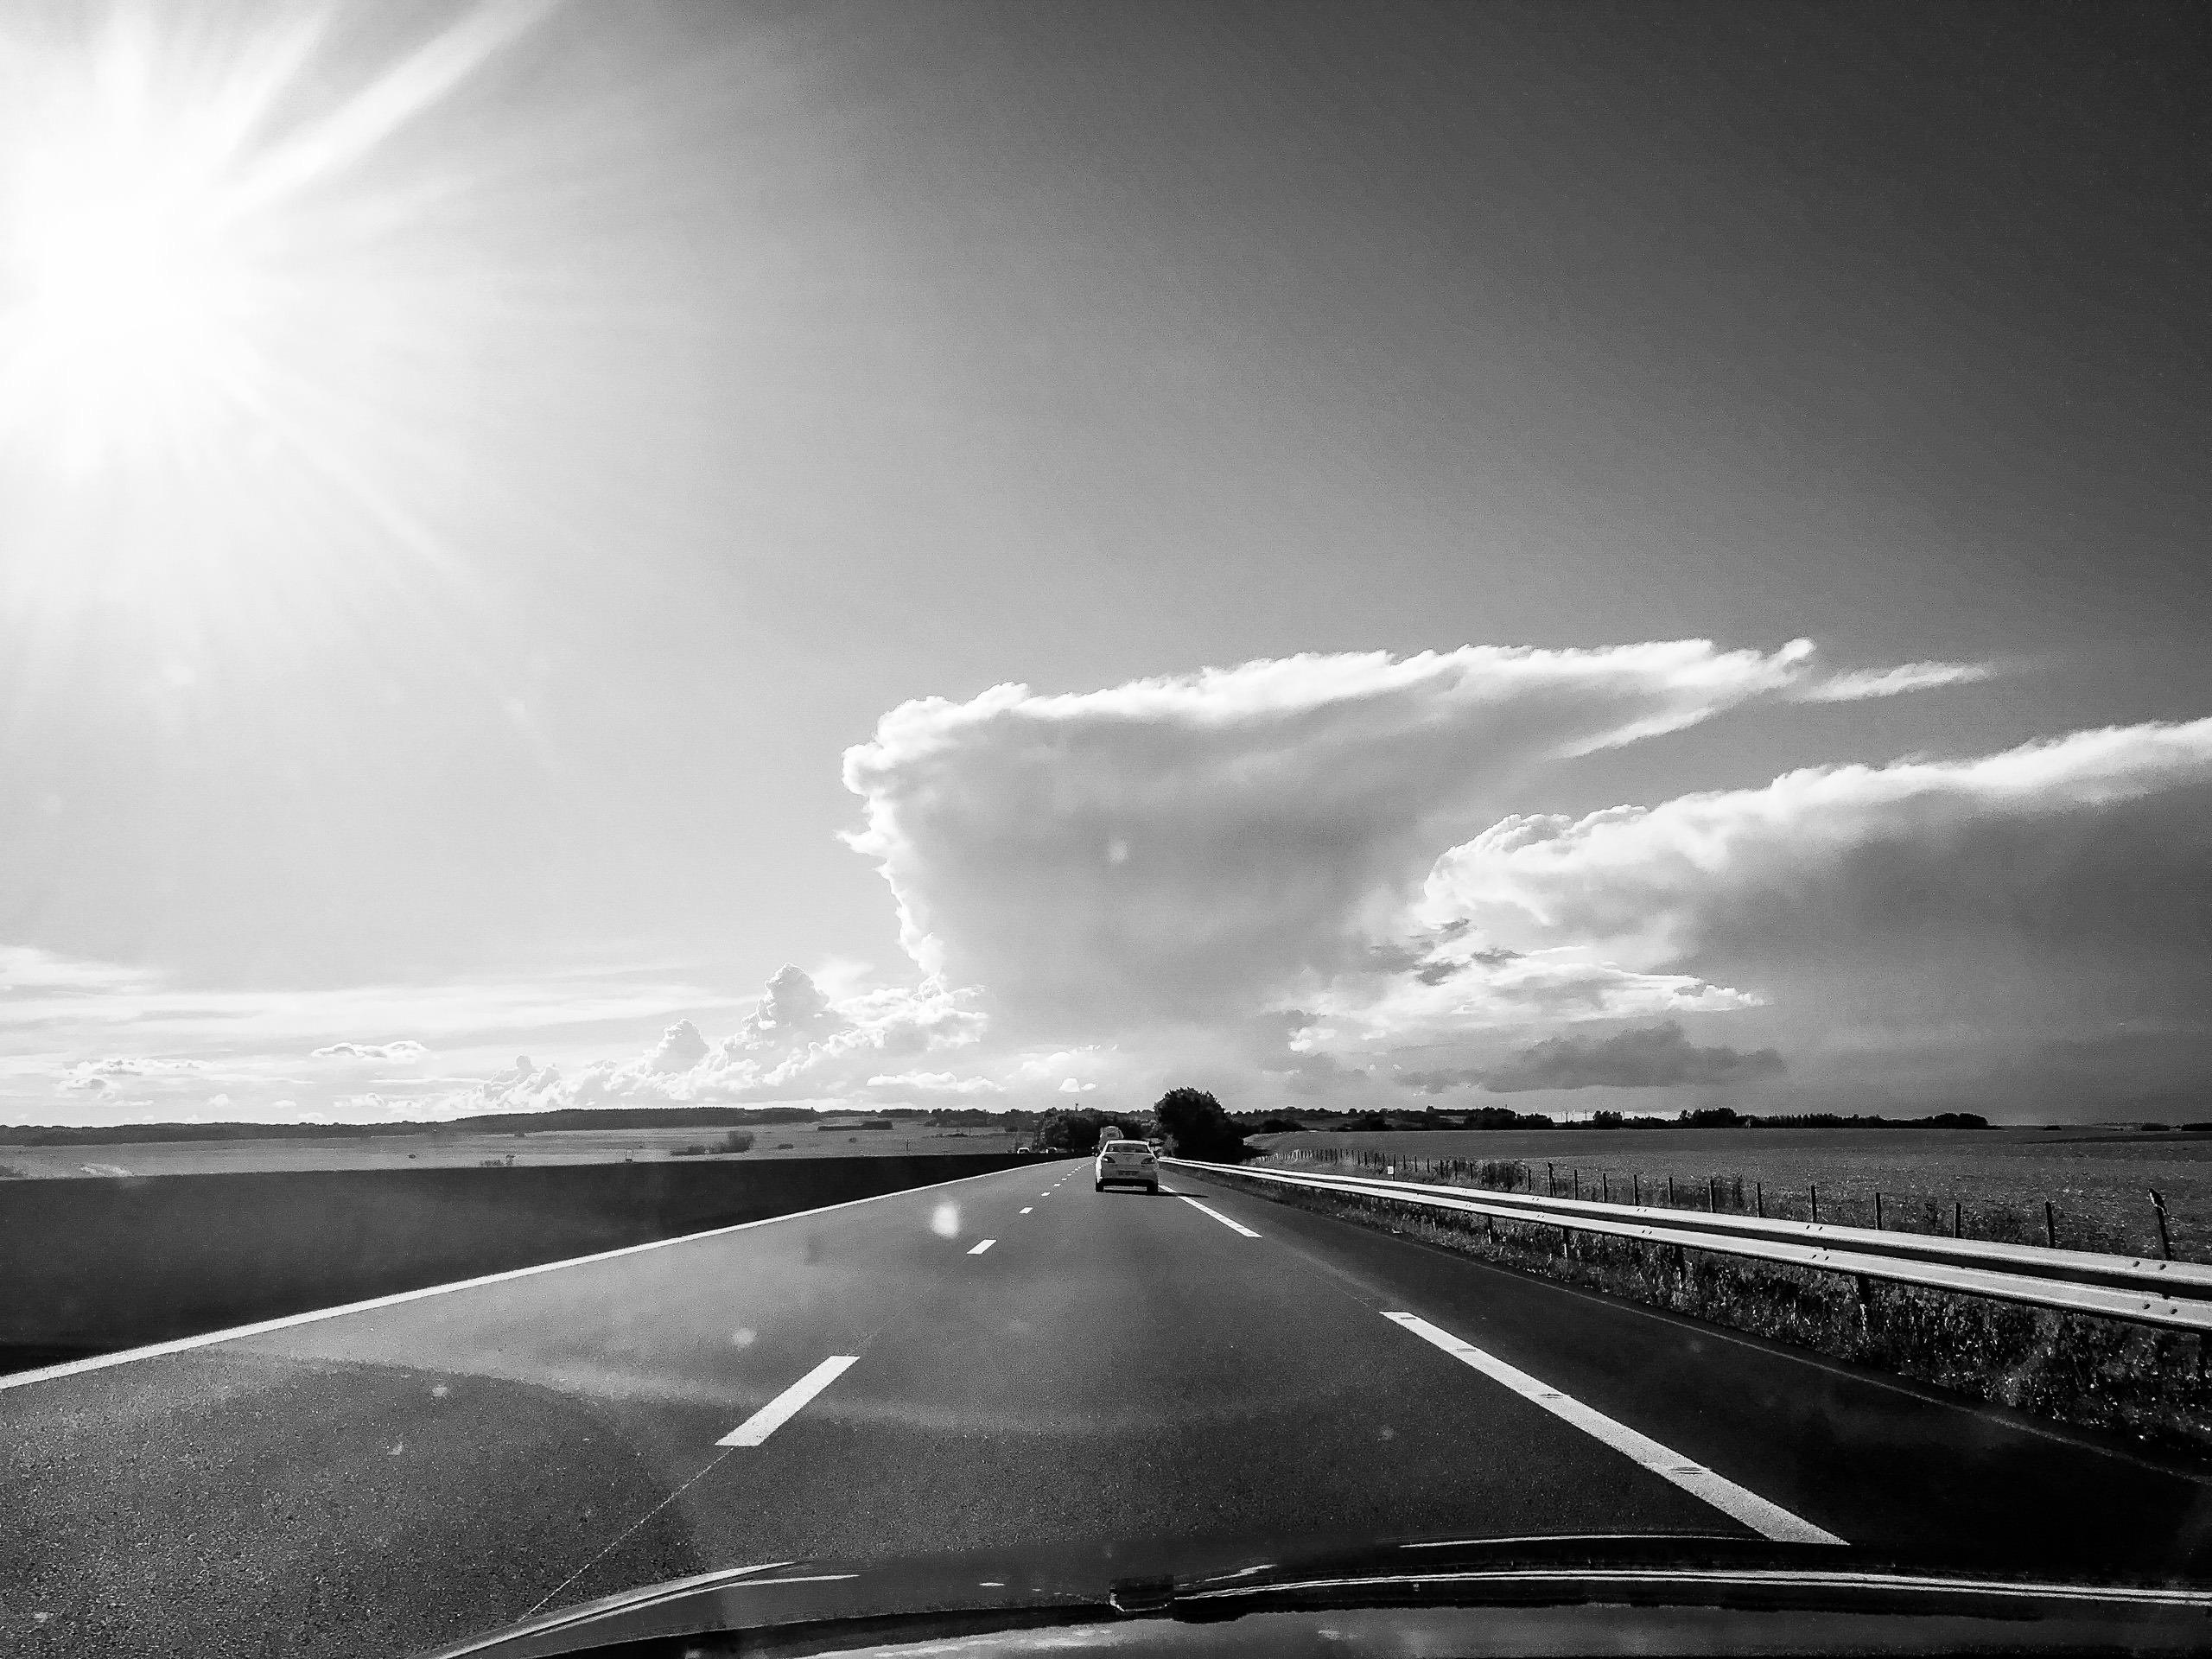 Autoroute des Anglais, France